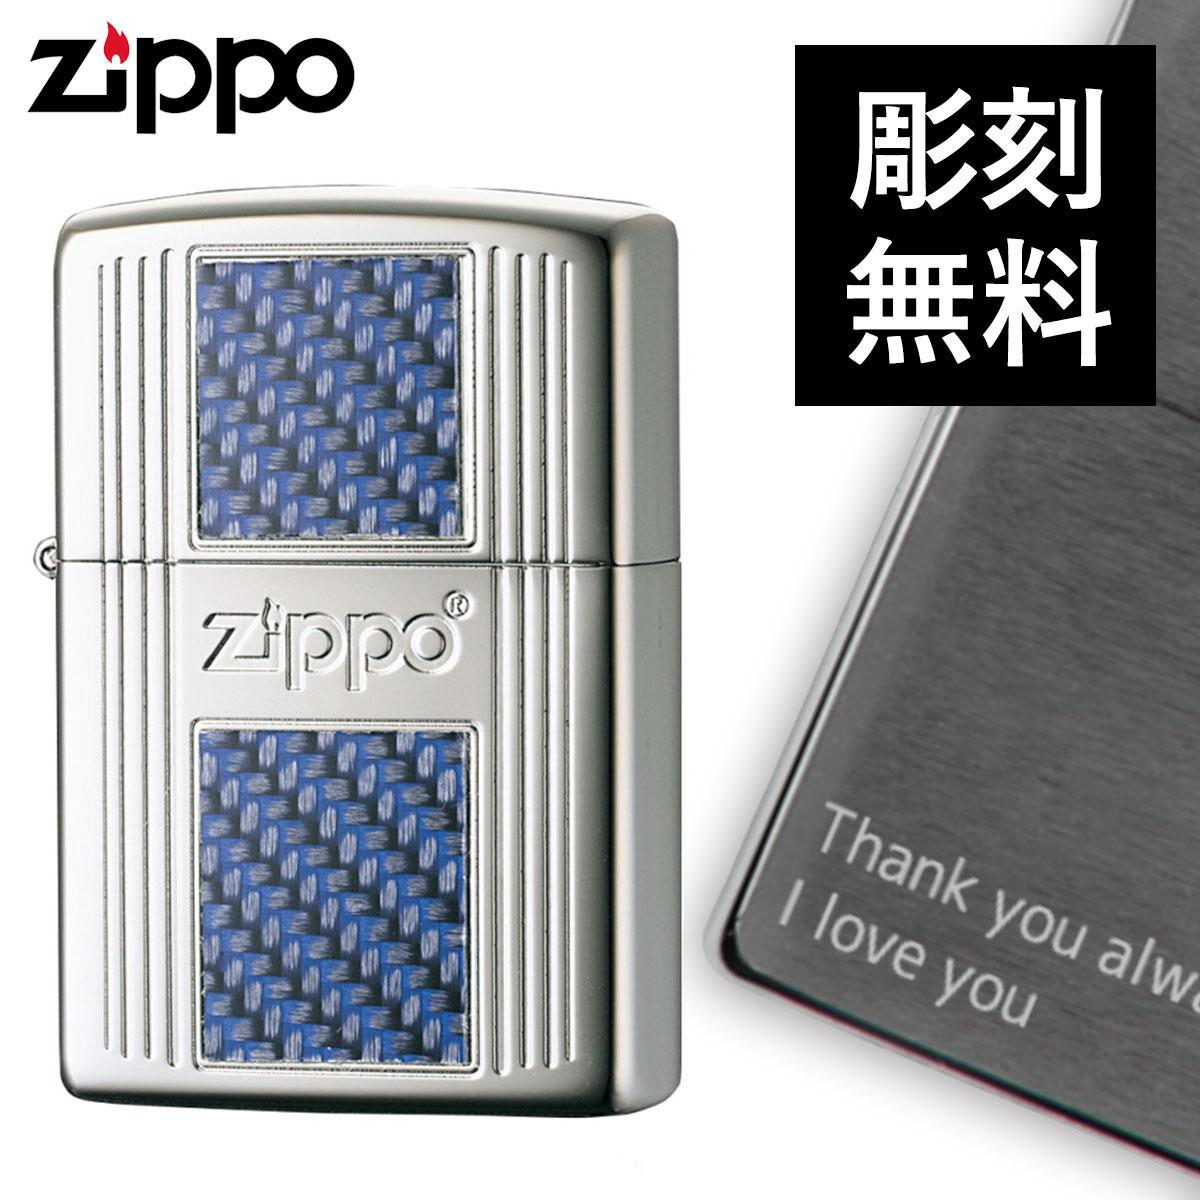 zippo 名入れ ジッポー ライター CARBON INLAY 2PN-CBL 名入れ ギフト オイルライター ジッポライター ギフト プレゼント 彼氏 男性 メンズ